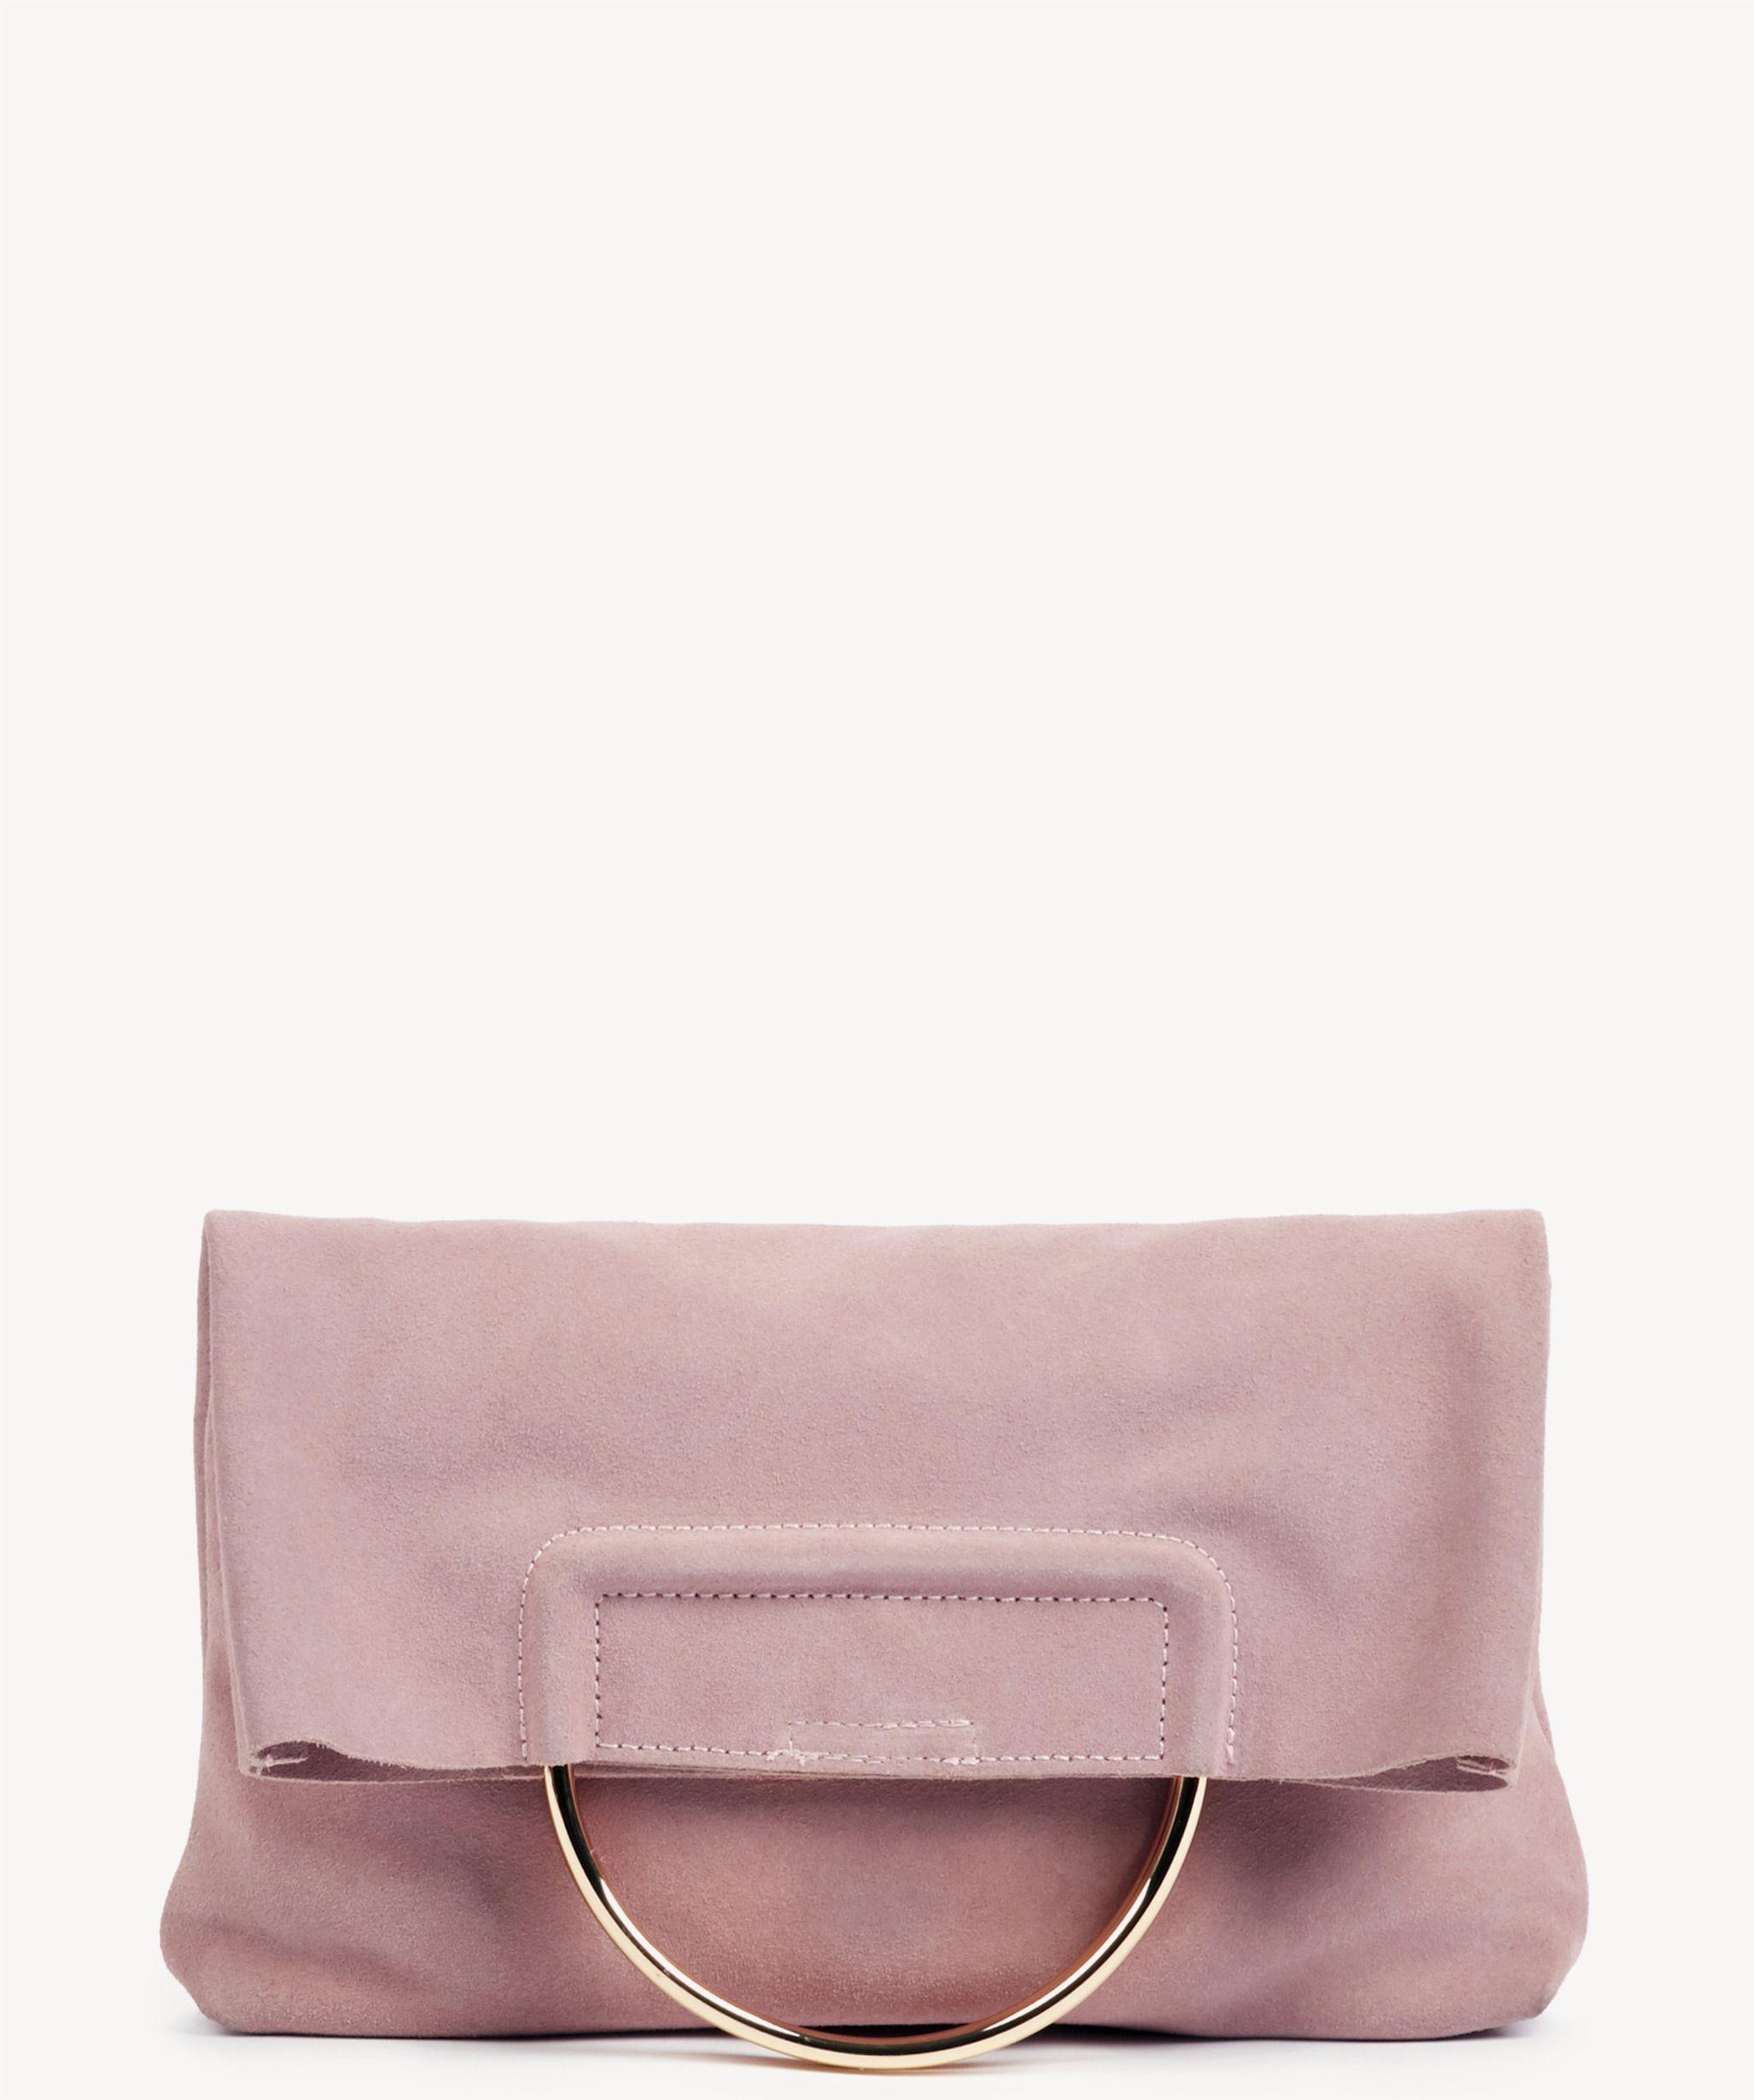 9c20cc42078 Suede Blush Clutch Bag